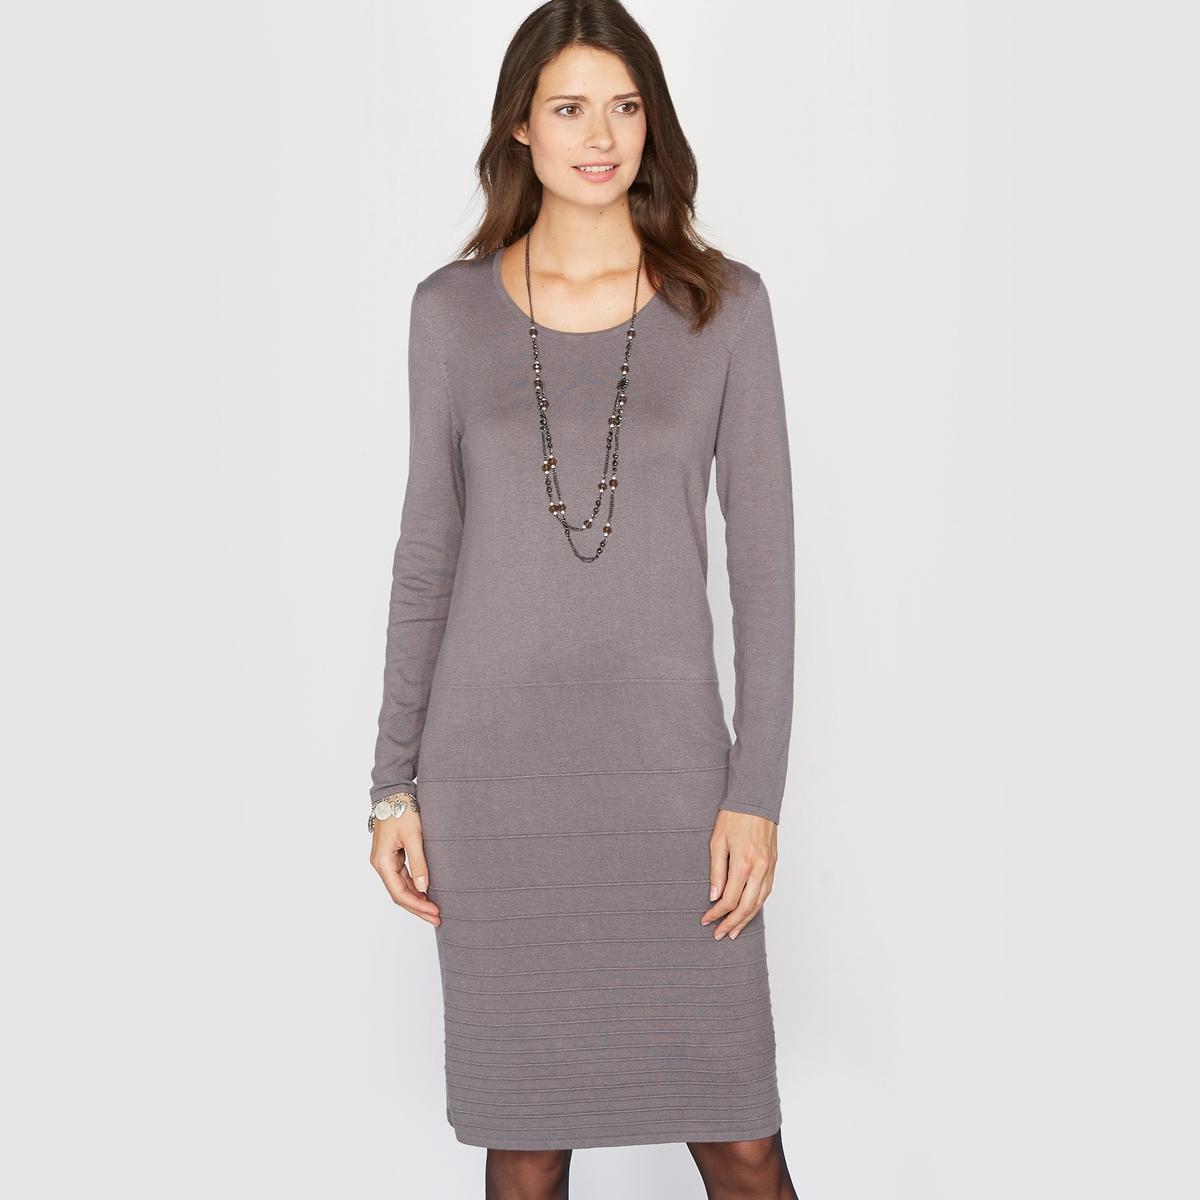 Платье-пуловерПлатье-пуловер. Красивое прямое платье, простое, изящное и удобное. Круглый вырез. Отделка в рубчик выреза, манжет и низа. Длинные рукава.                                                  Состав и описание :           Материал : Красивый и оригинальный трикотаж,  80% вискозы, 20% полиамида.          Длина 90 см          Марка : Anne  Weyburn                                               Уход :         Машинная стирка при 30° на умеренном режиме с изнаночной стороны       Утюжить на низкой температуре с изнаночной стороны<br><br>Цвет: серый,черный<br>Размер: 46/48 (FR) - 52/54 (RUS).50/52 (FR) - 56/58 (RUS).38/40 (FR) - 44/46 (RUS)